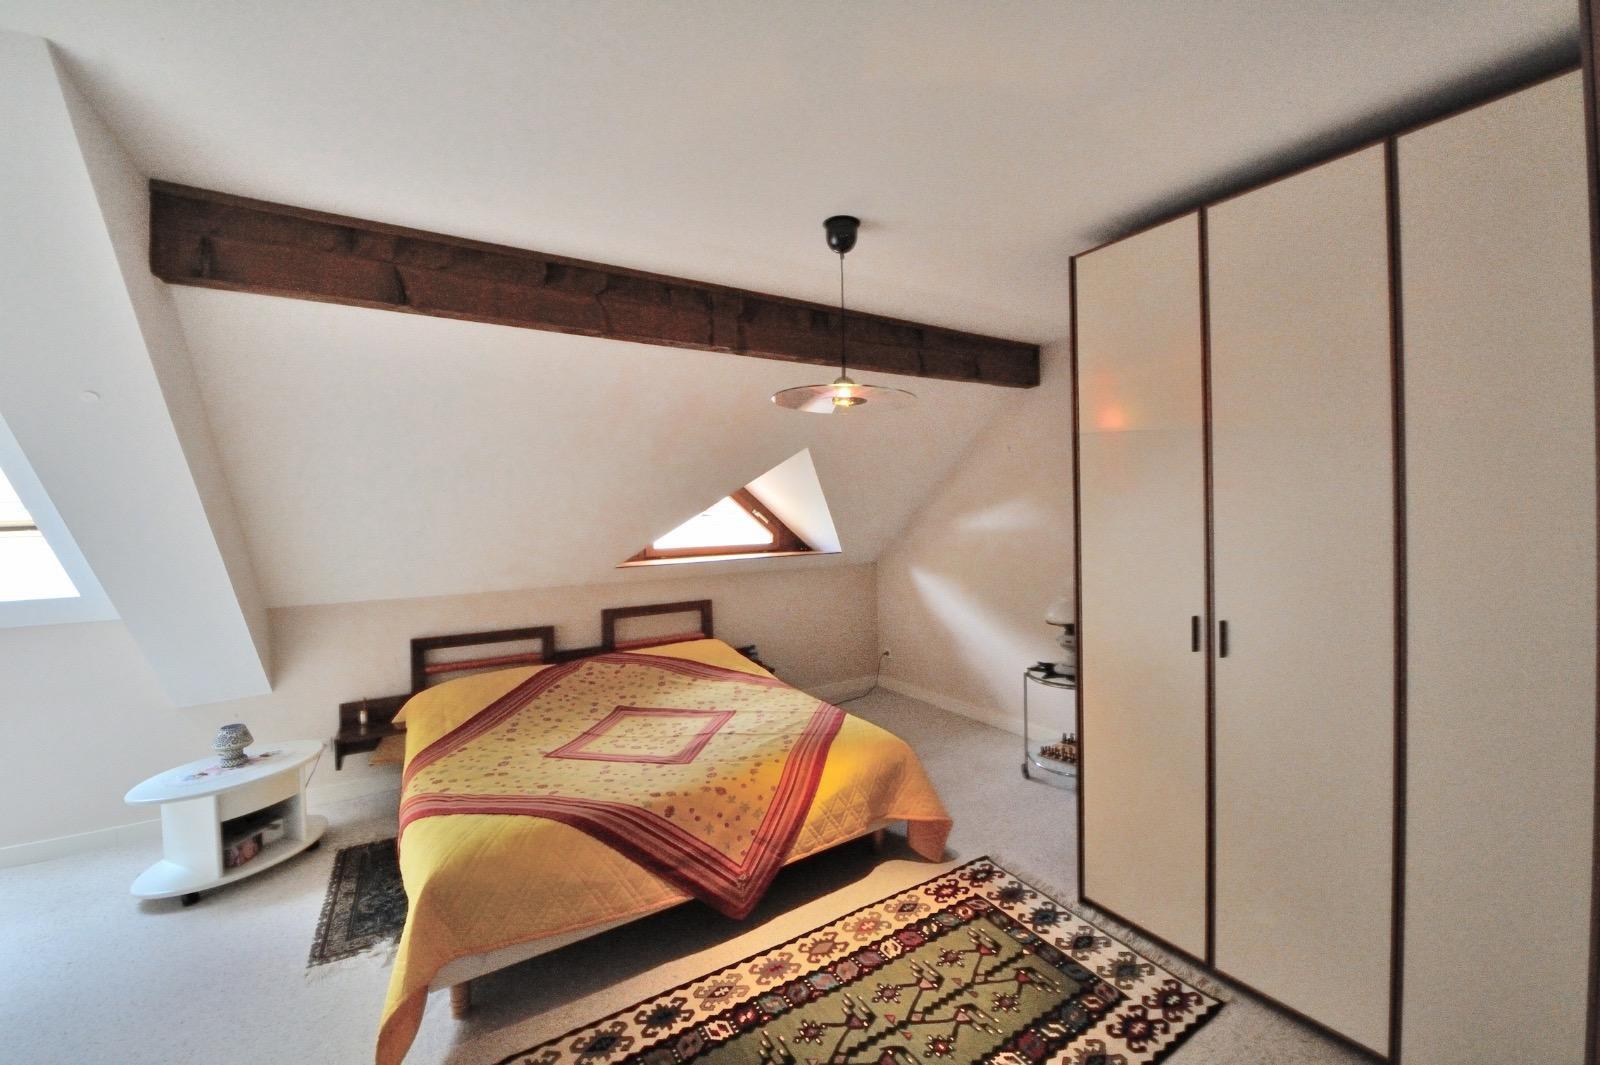 2623-Menthon-Saint-Bernard duplex dernier étage.